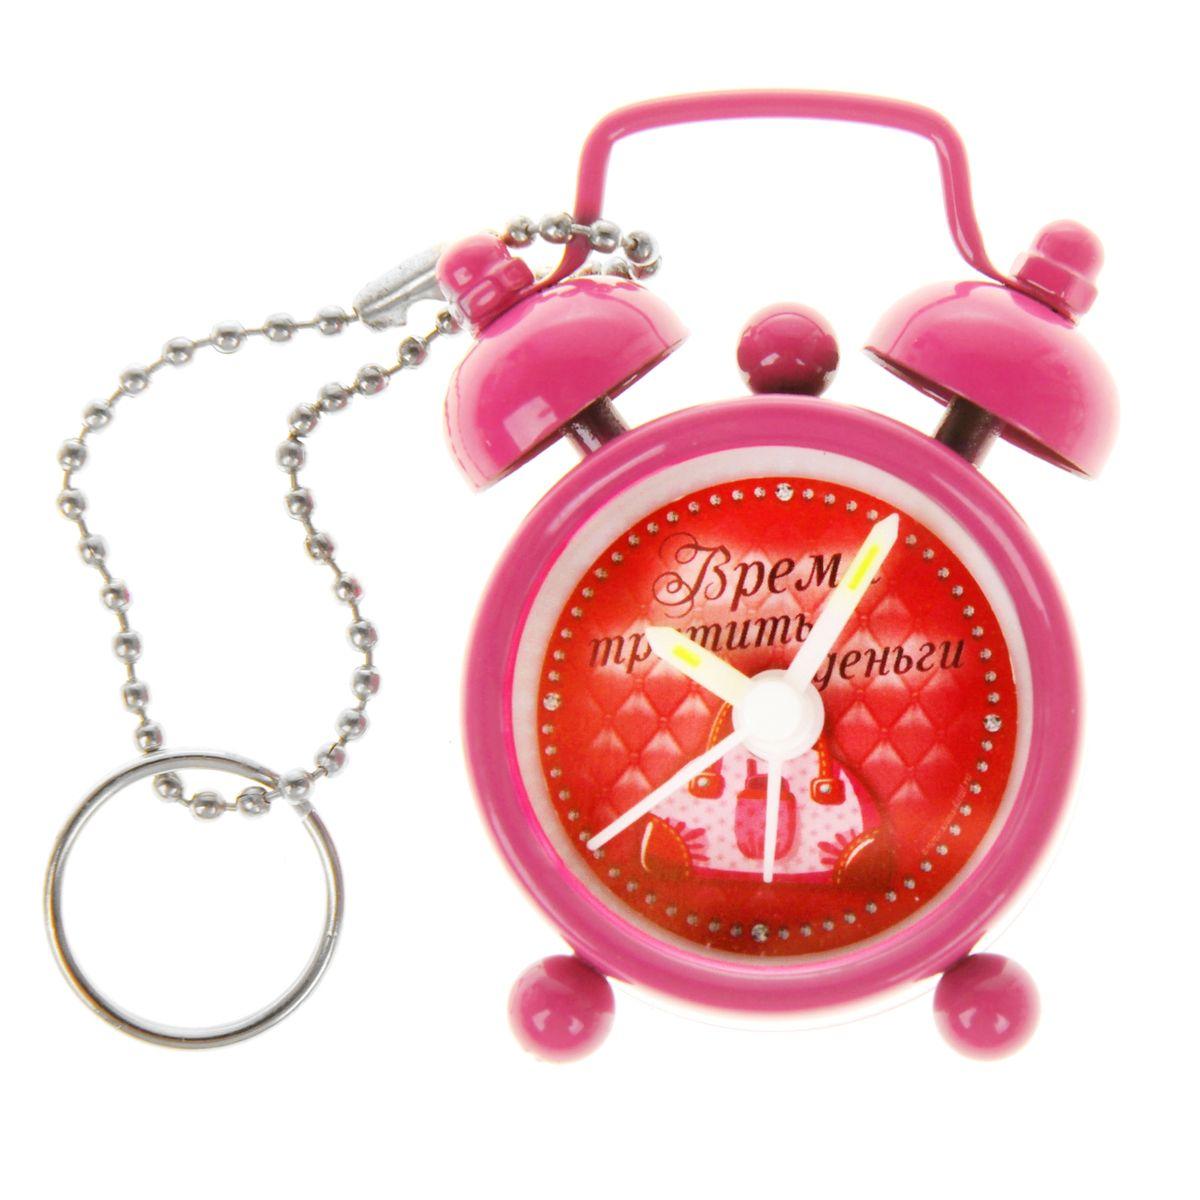 Часы-будильник Sima-land Время тратить деньги, цвет: розовый839663Как же сложно иногда вставать вовремя! Всегда так хочется поспать еще хотябы 5 минут ибывает,что мы просыпаем. Теперь этого не случится! Яркий, оригинальный будильникSima-land Время тратить деньги поможет вам всегдавставать в нужное время и успевать везде и всюду. Будильник станет отличнымподарком. Эта уменьшенная версия привычногобудильника умещается на ладони и работает так же громко, как и привычныеаналоги. Время показывает точно и будит вустановленный час. На задней панели будильника расположены переключательвключения/выключения механизма,атакже два колесика для настройки текущего времени и времени звонкабудильника. Будильник работает от 1 батарейки типа LR44 (входит в комплект).